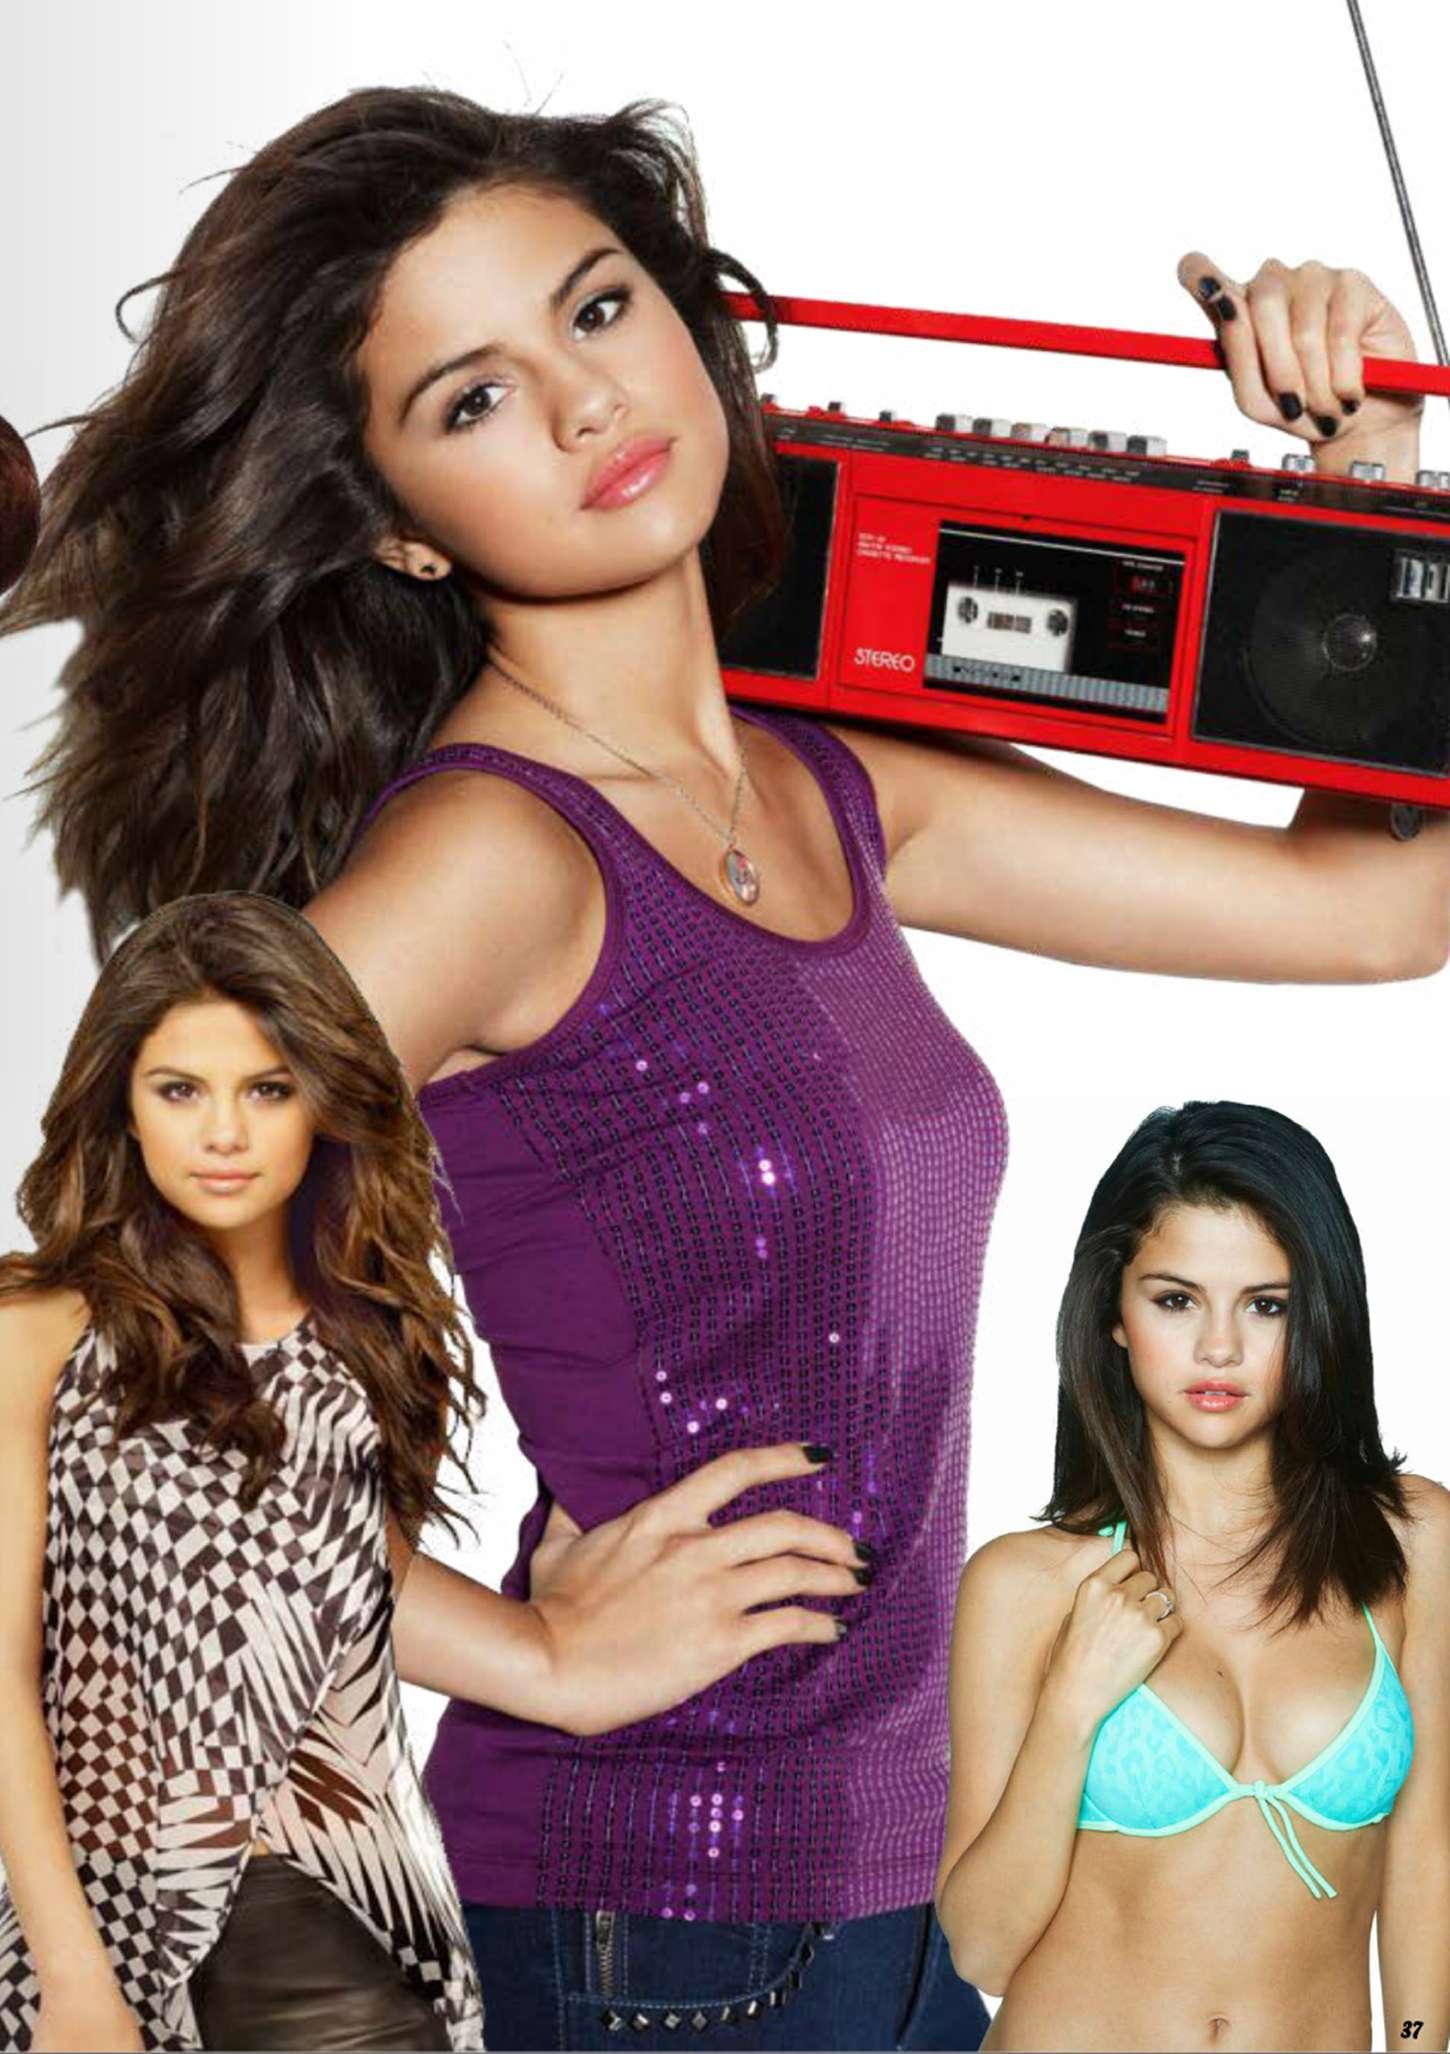 Selena Gomez 2015 : Selena Gomez: Stars Posters 2015 -02